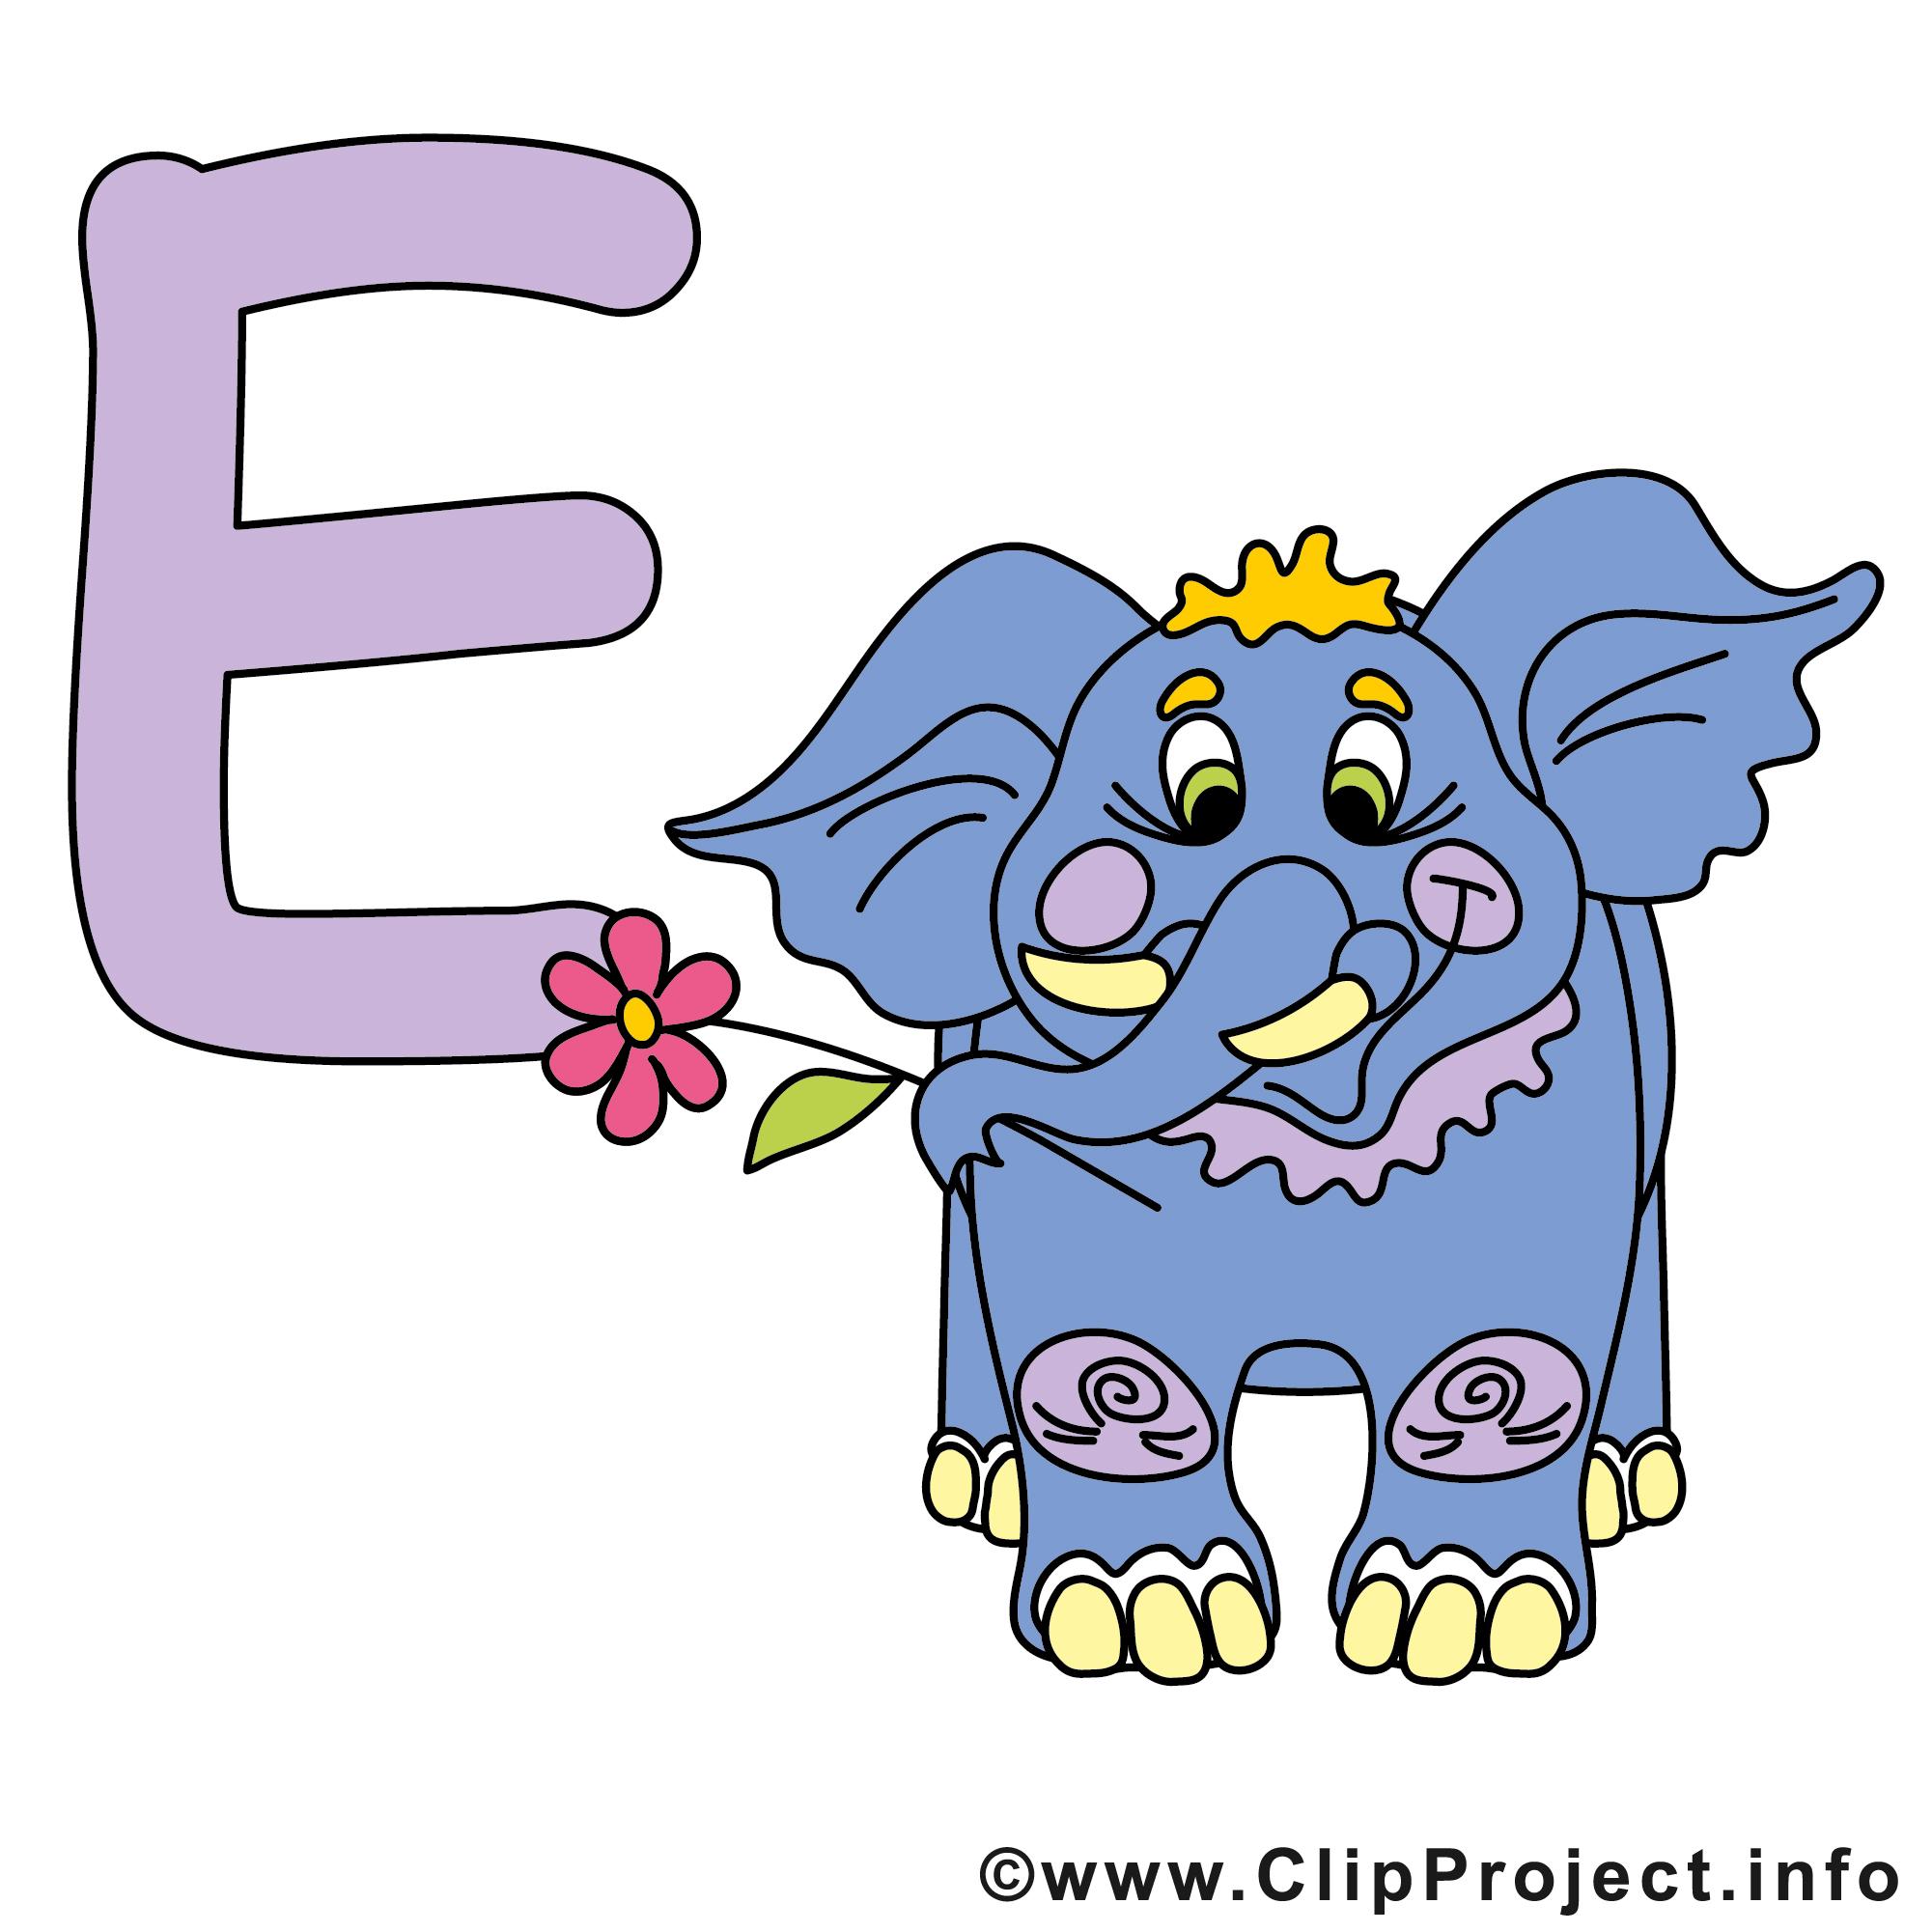 e elephant image à télécharger  alphabet english clipart